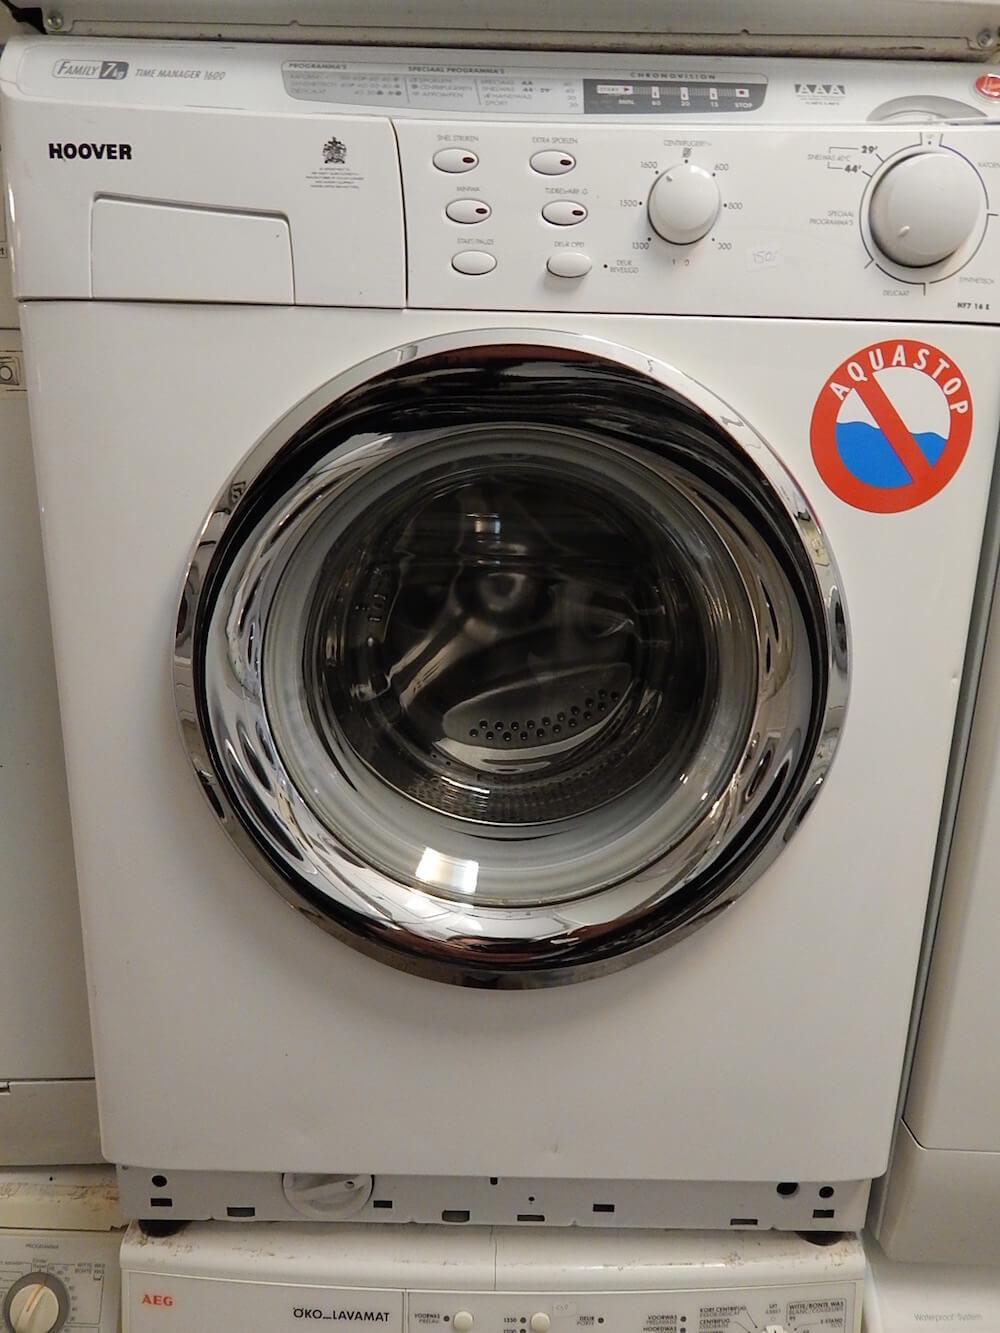 Hoover wasmachine kopen